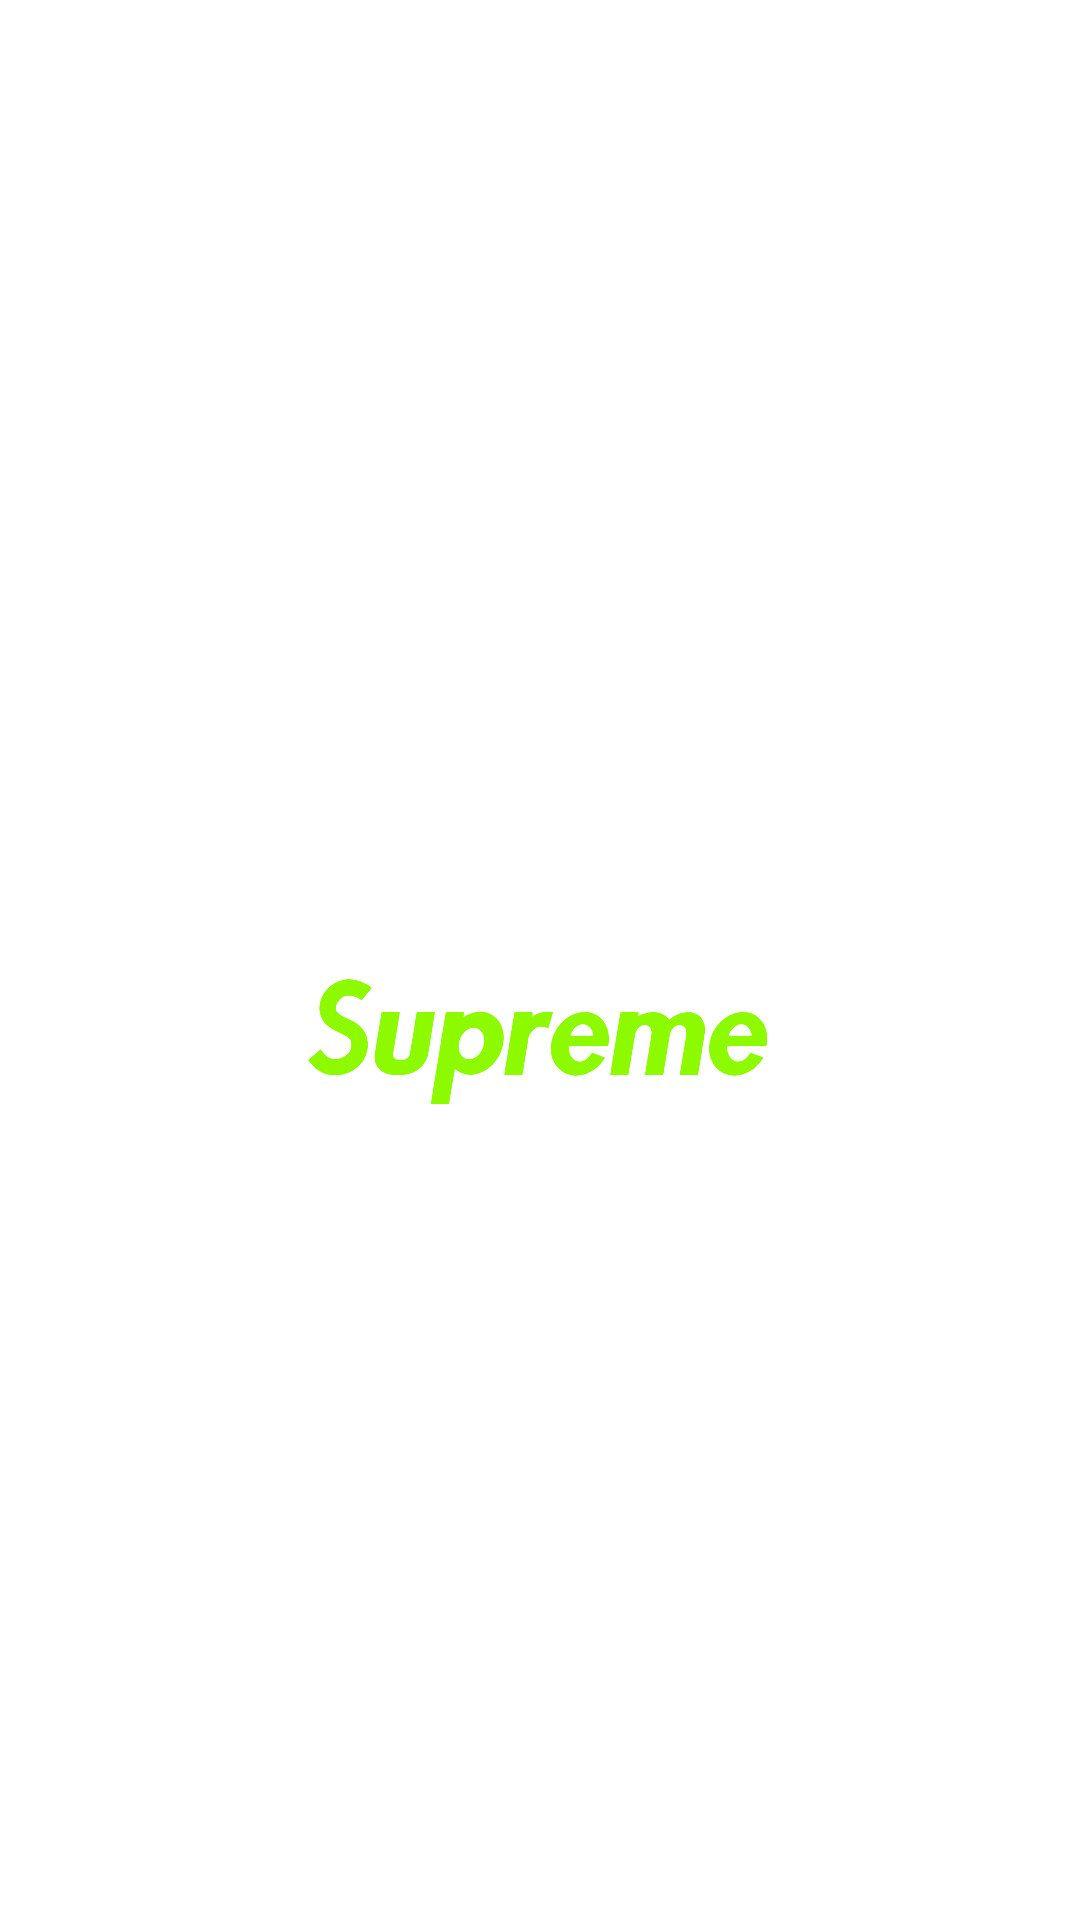 Supreme シュープリーム 13 シュープリーム シュプリーム 待ち受け Iphone 壁紙